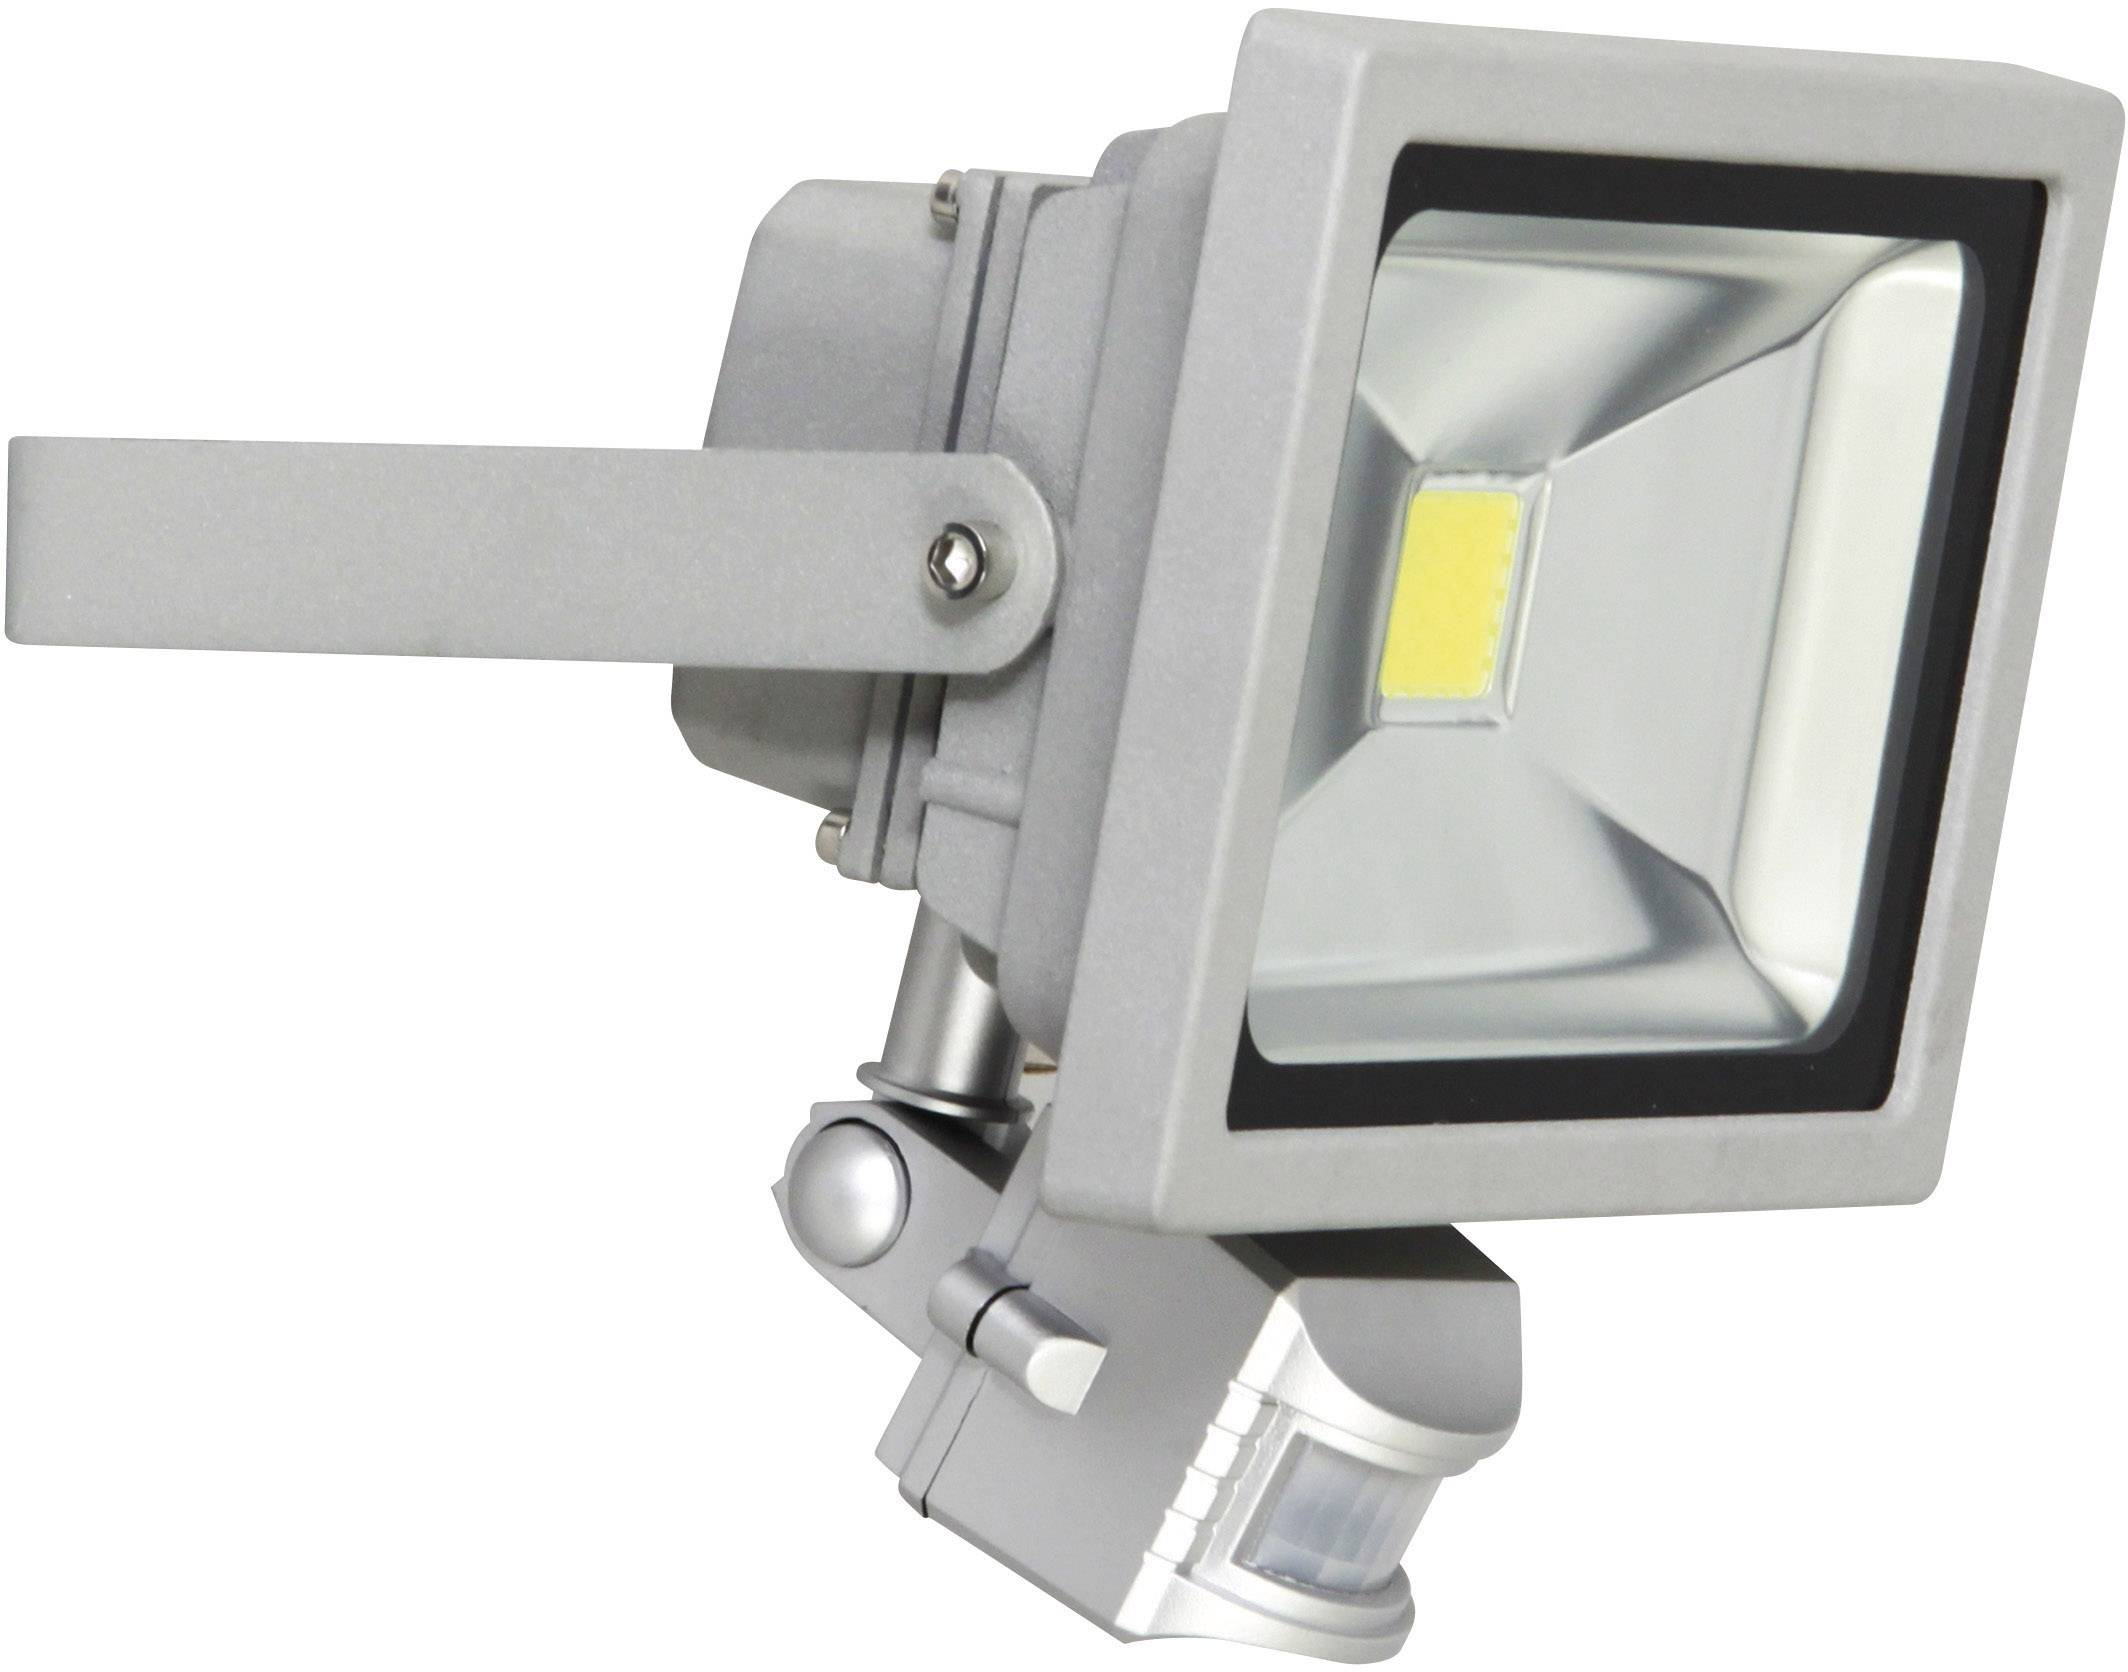 Plafoniere A Led Con Sensore Di Presenza : Xq lite faretto led per esterno con rilevatore di